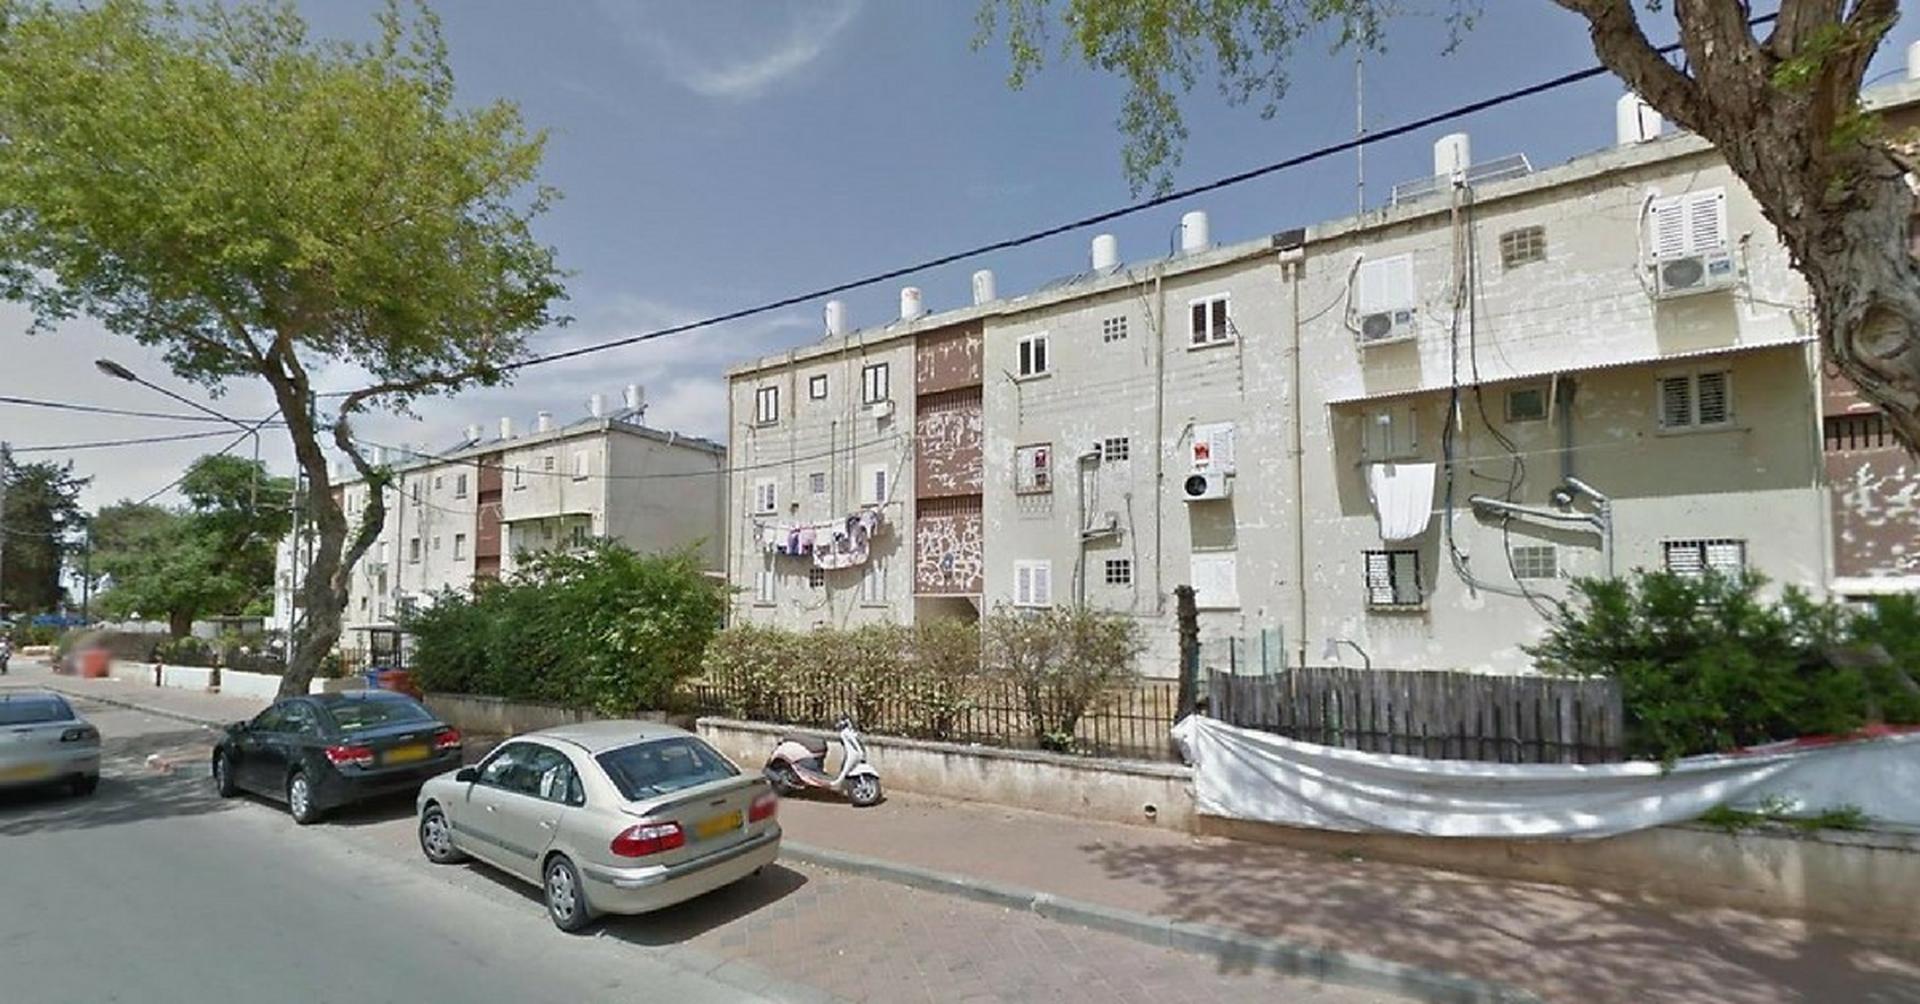 מבנים שצפויים לעבור פינוי בינוי בשכונת יד התשעה | צילום: עיריית הרצליה